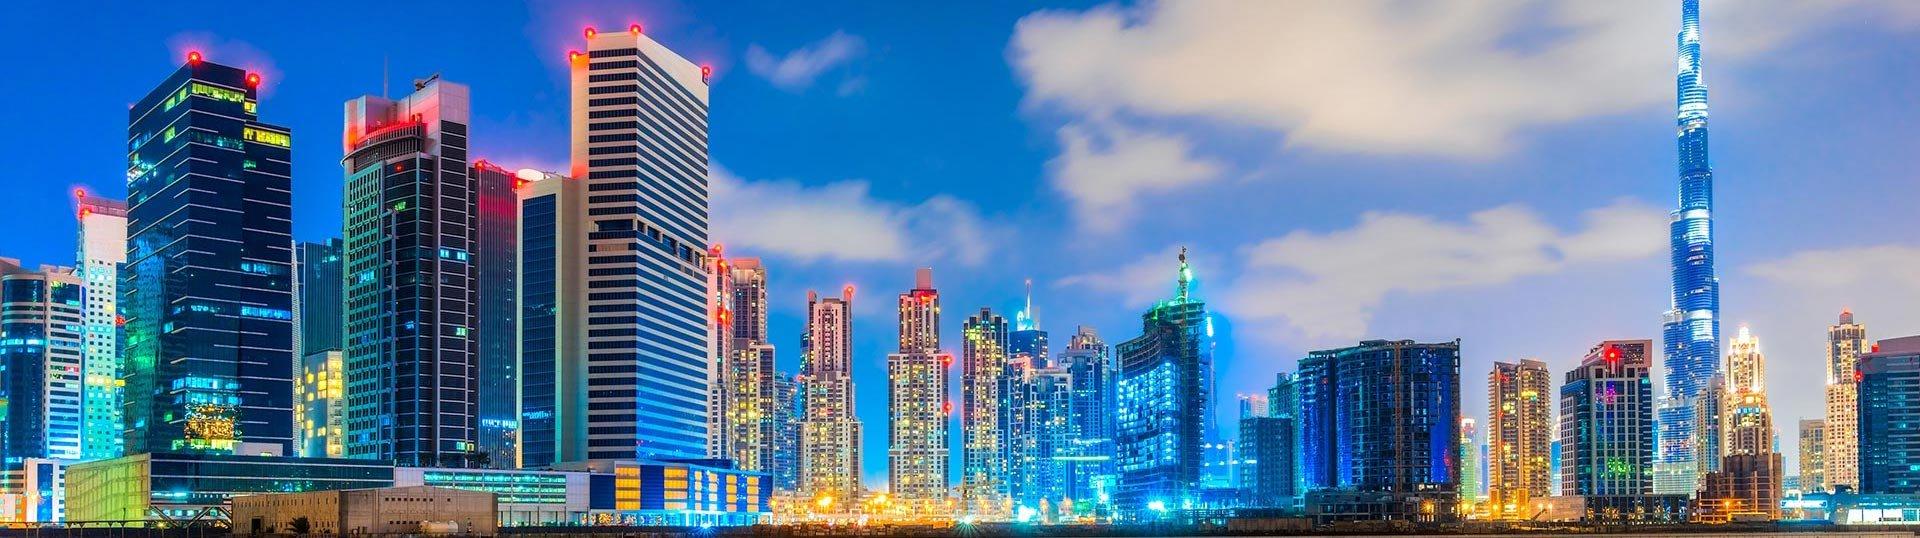 About_Dubai_AEEDC